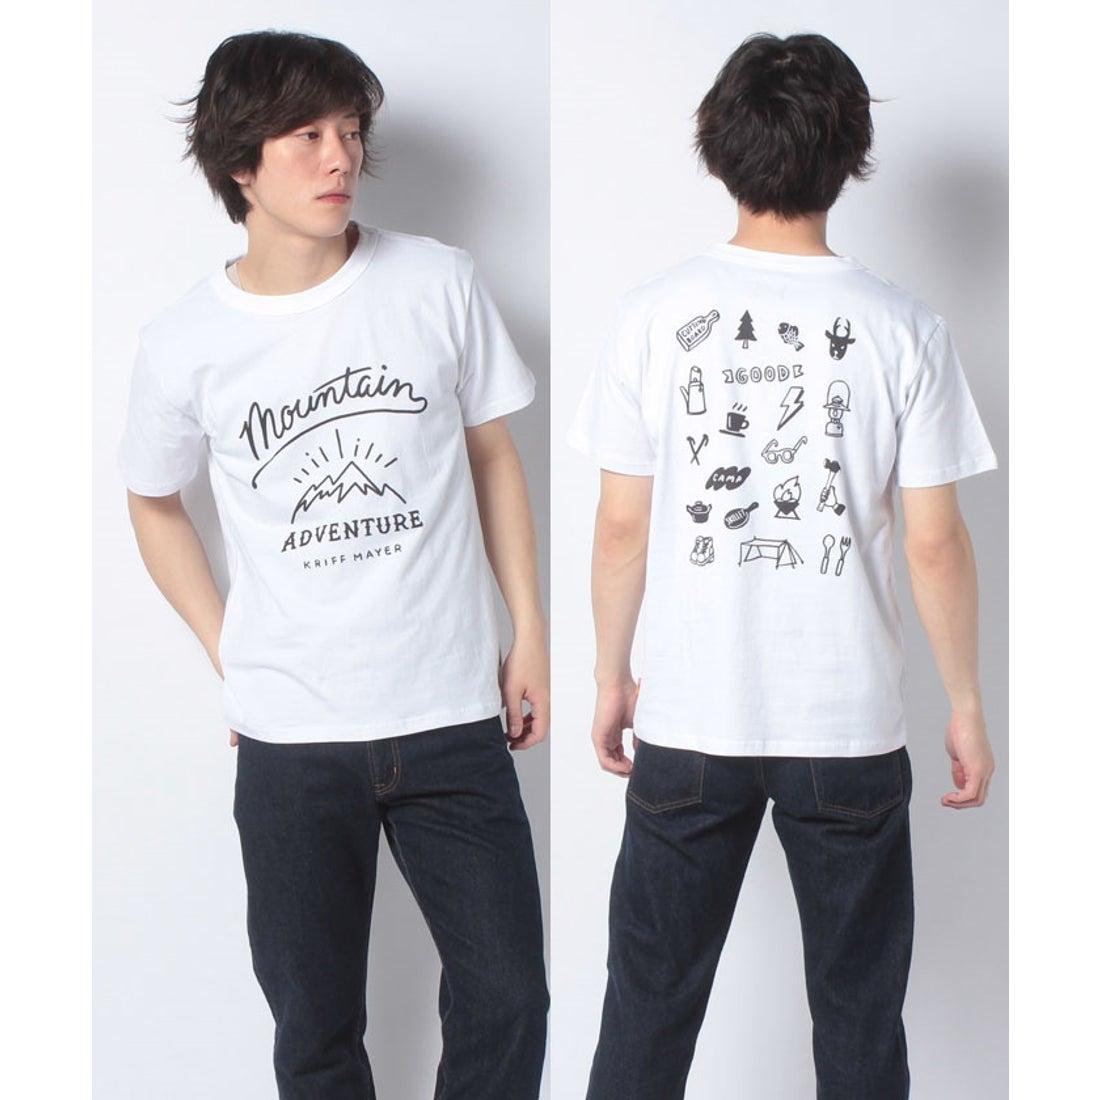 ロコンド 靴とファッションの通販サイトKRIFF MAYER ゆるアメカジT(MOUNTAIN)(オフホワイト)【返品不可商品】